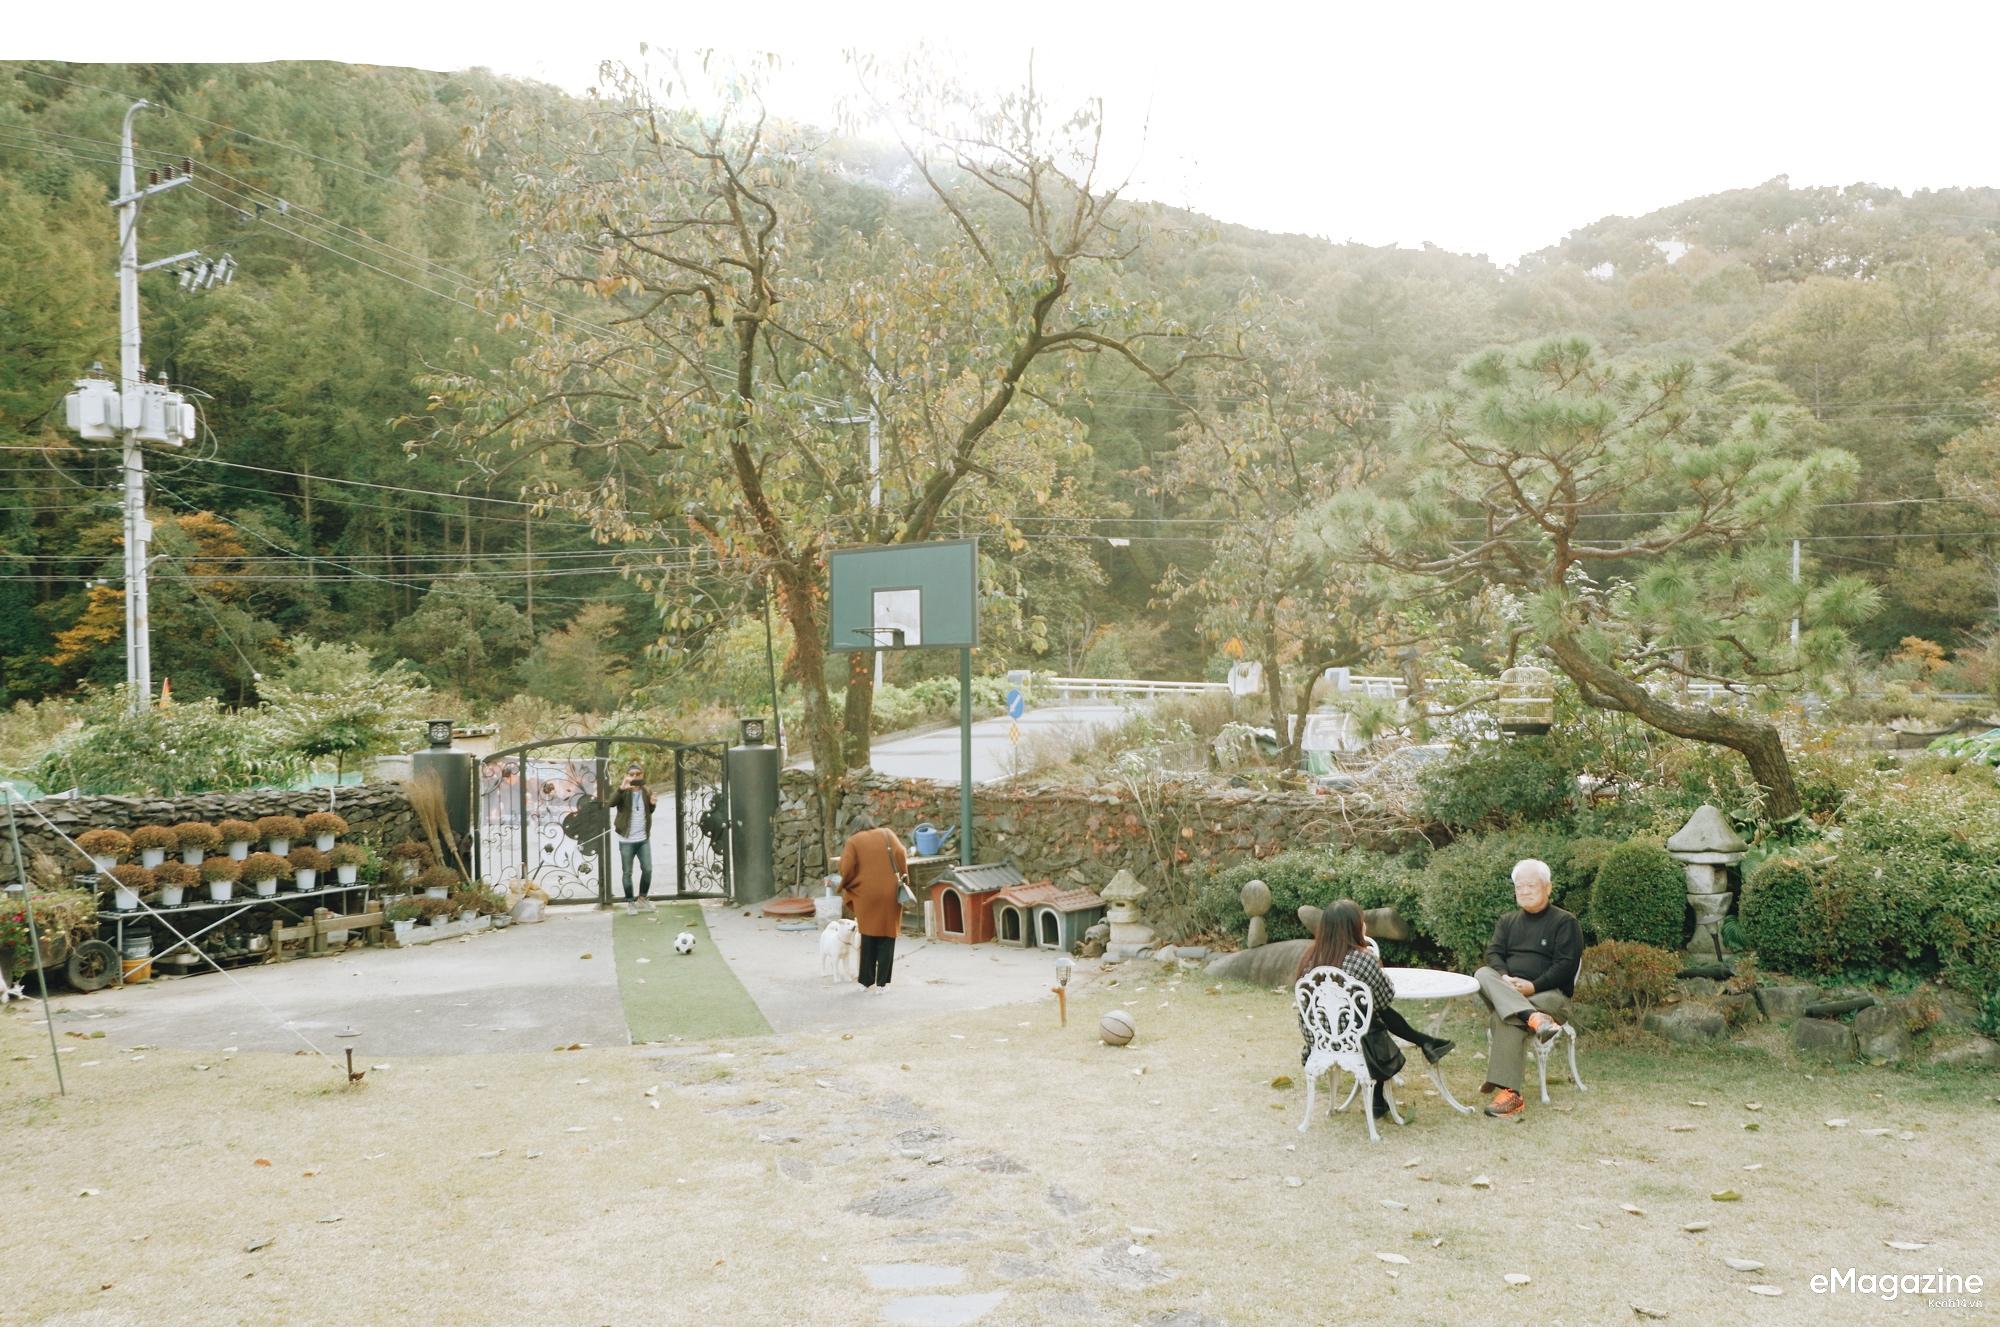 Cuộc gặp gỡ với bố Song Joong Ki tại quê nhà trước siêu đám cưới: Mọi thứ cứ dung dị, bình yên như thế - Ảnh 13.